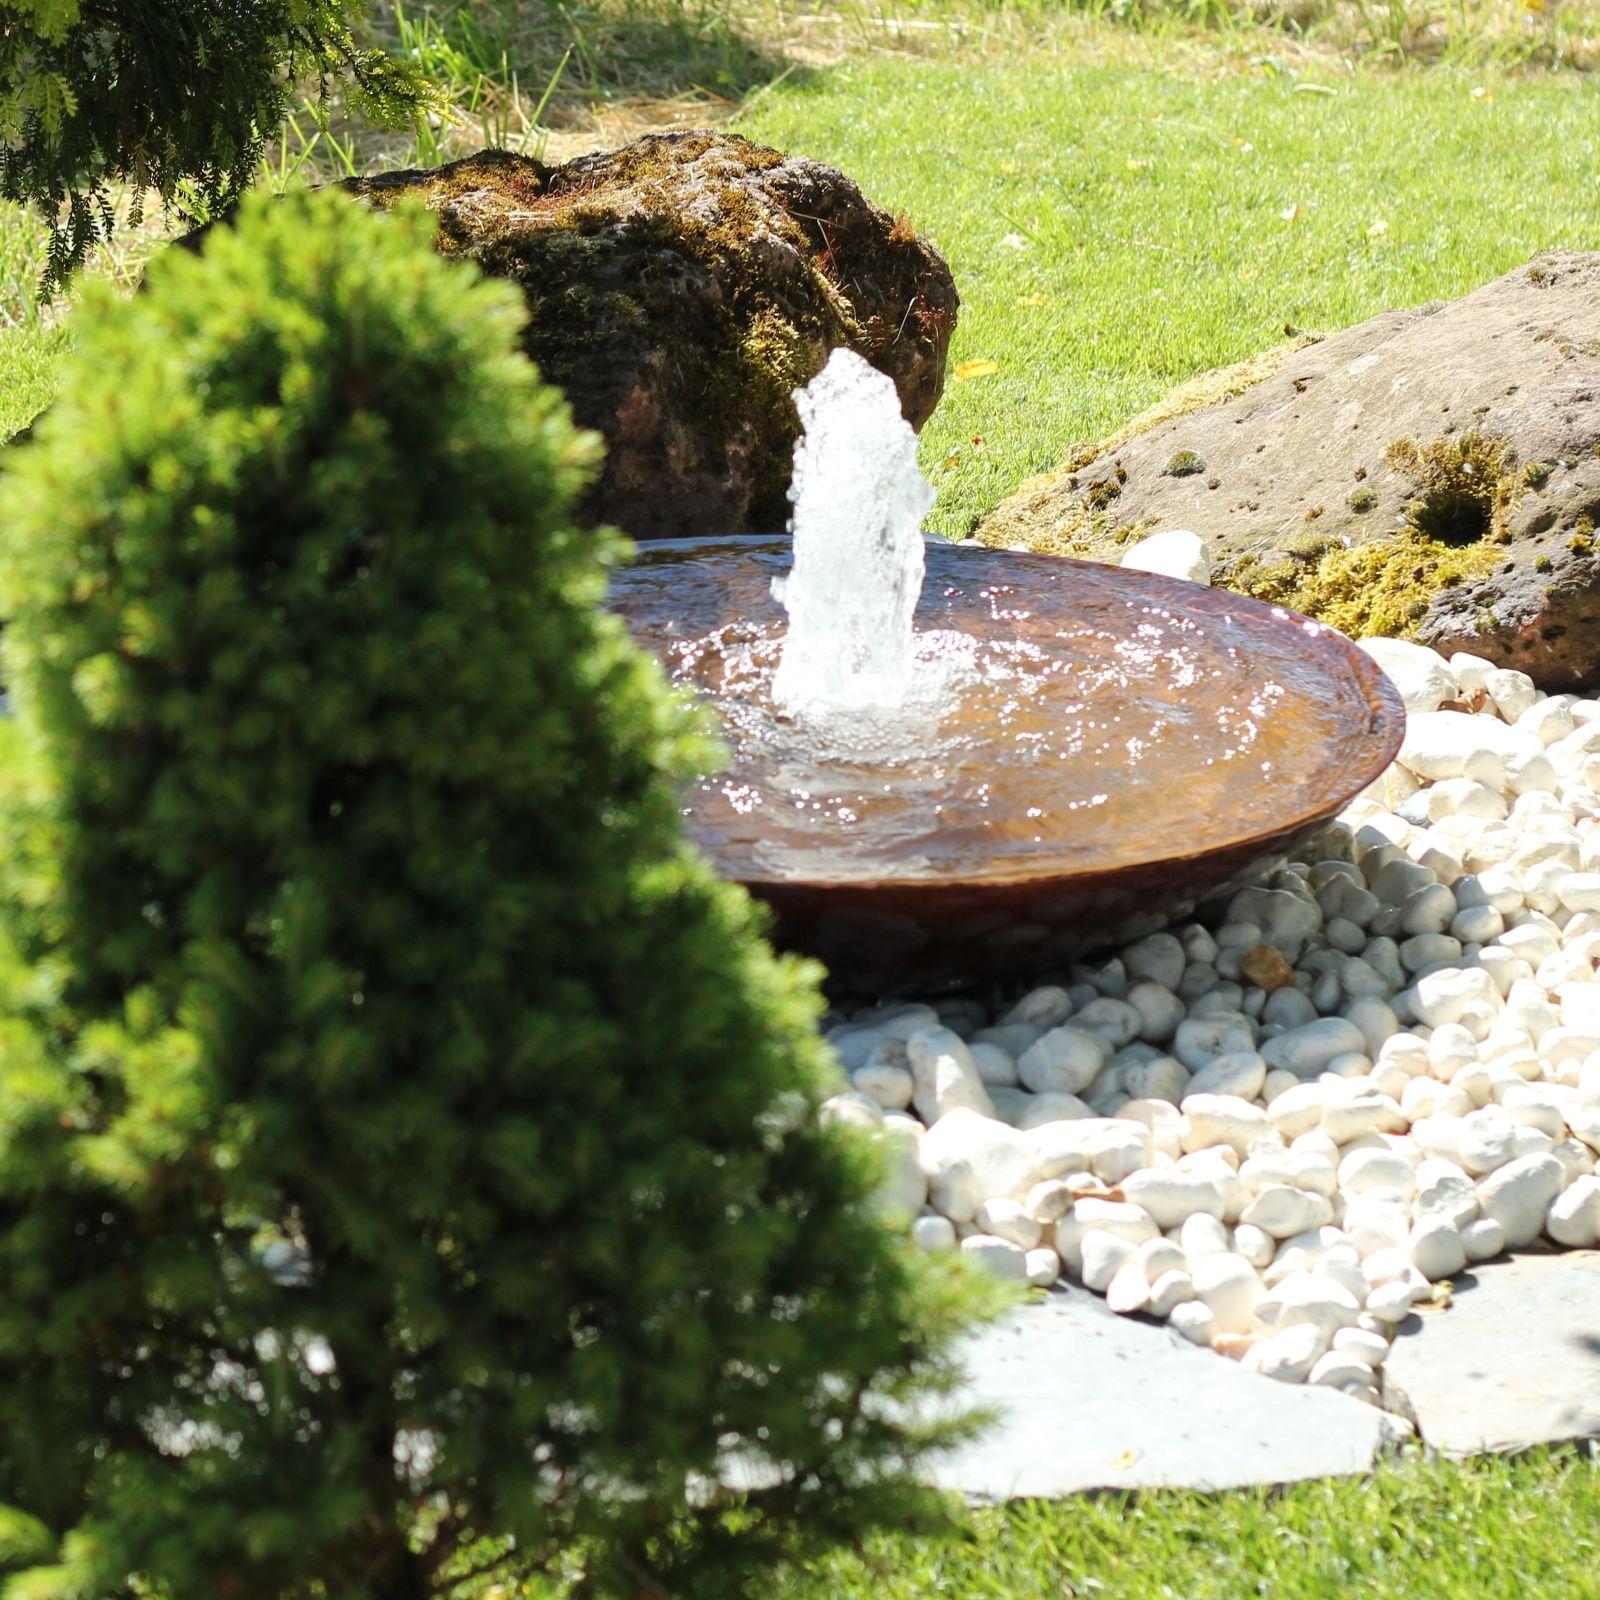 Wasserspiel Set Cortenstahl Wasserschale 80 Gartenbrunnen Edelrost Design Gartenbrunnen Cortenstahl Edelrost